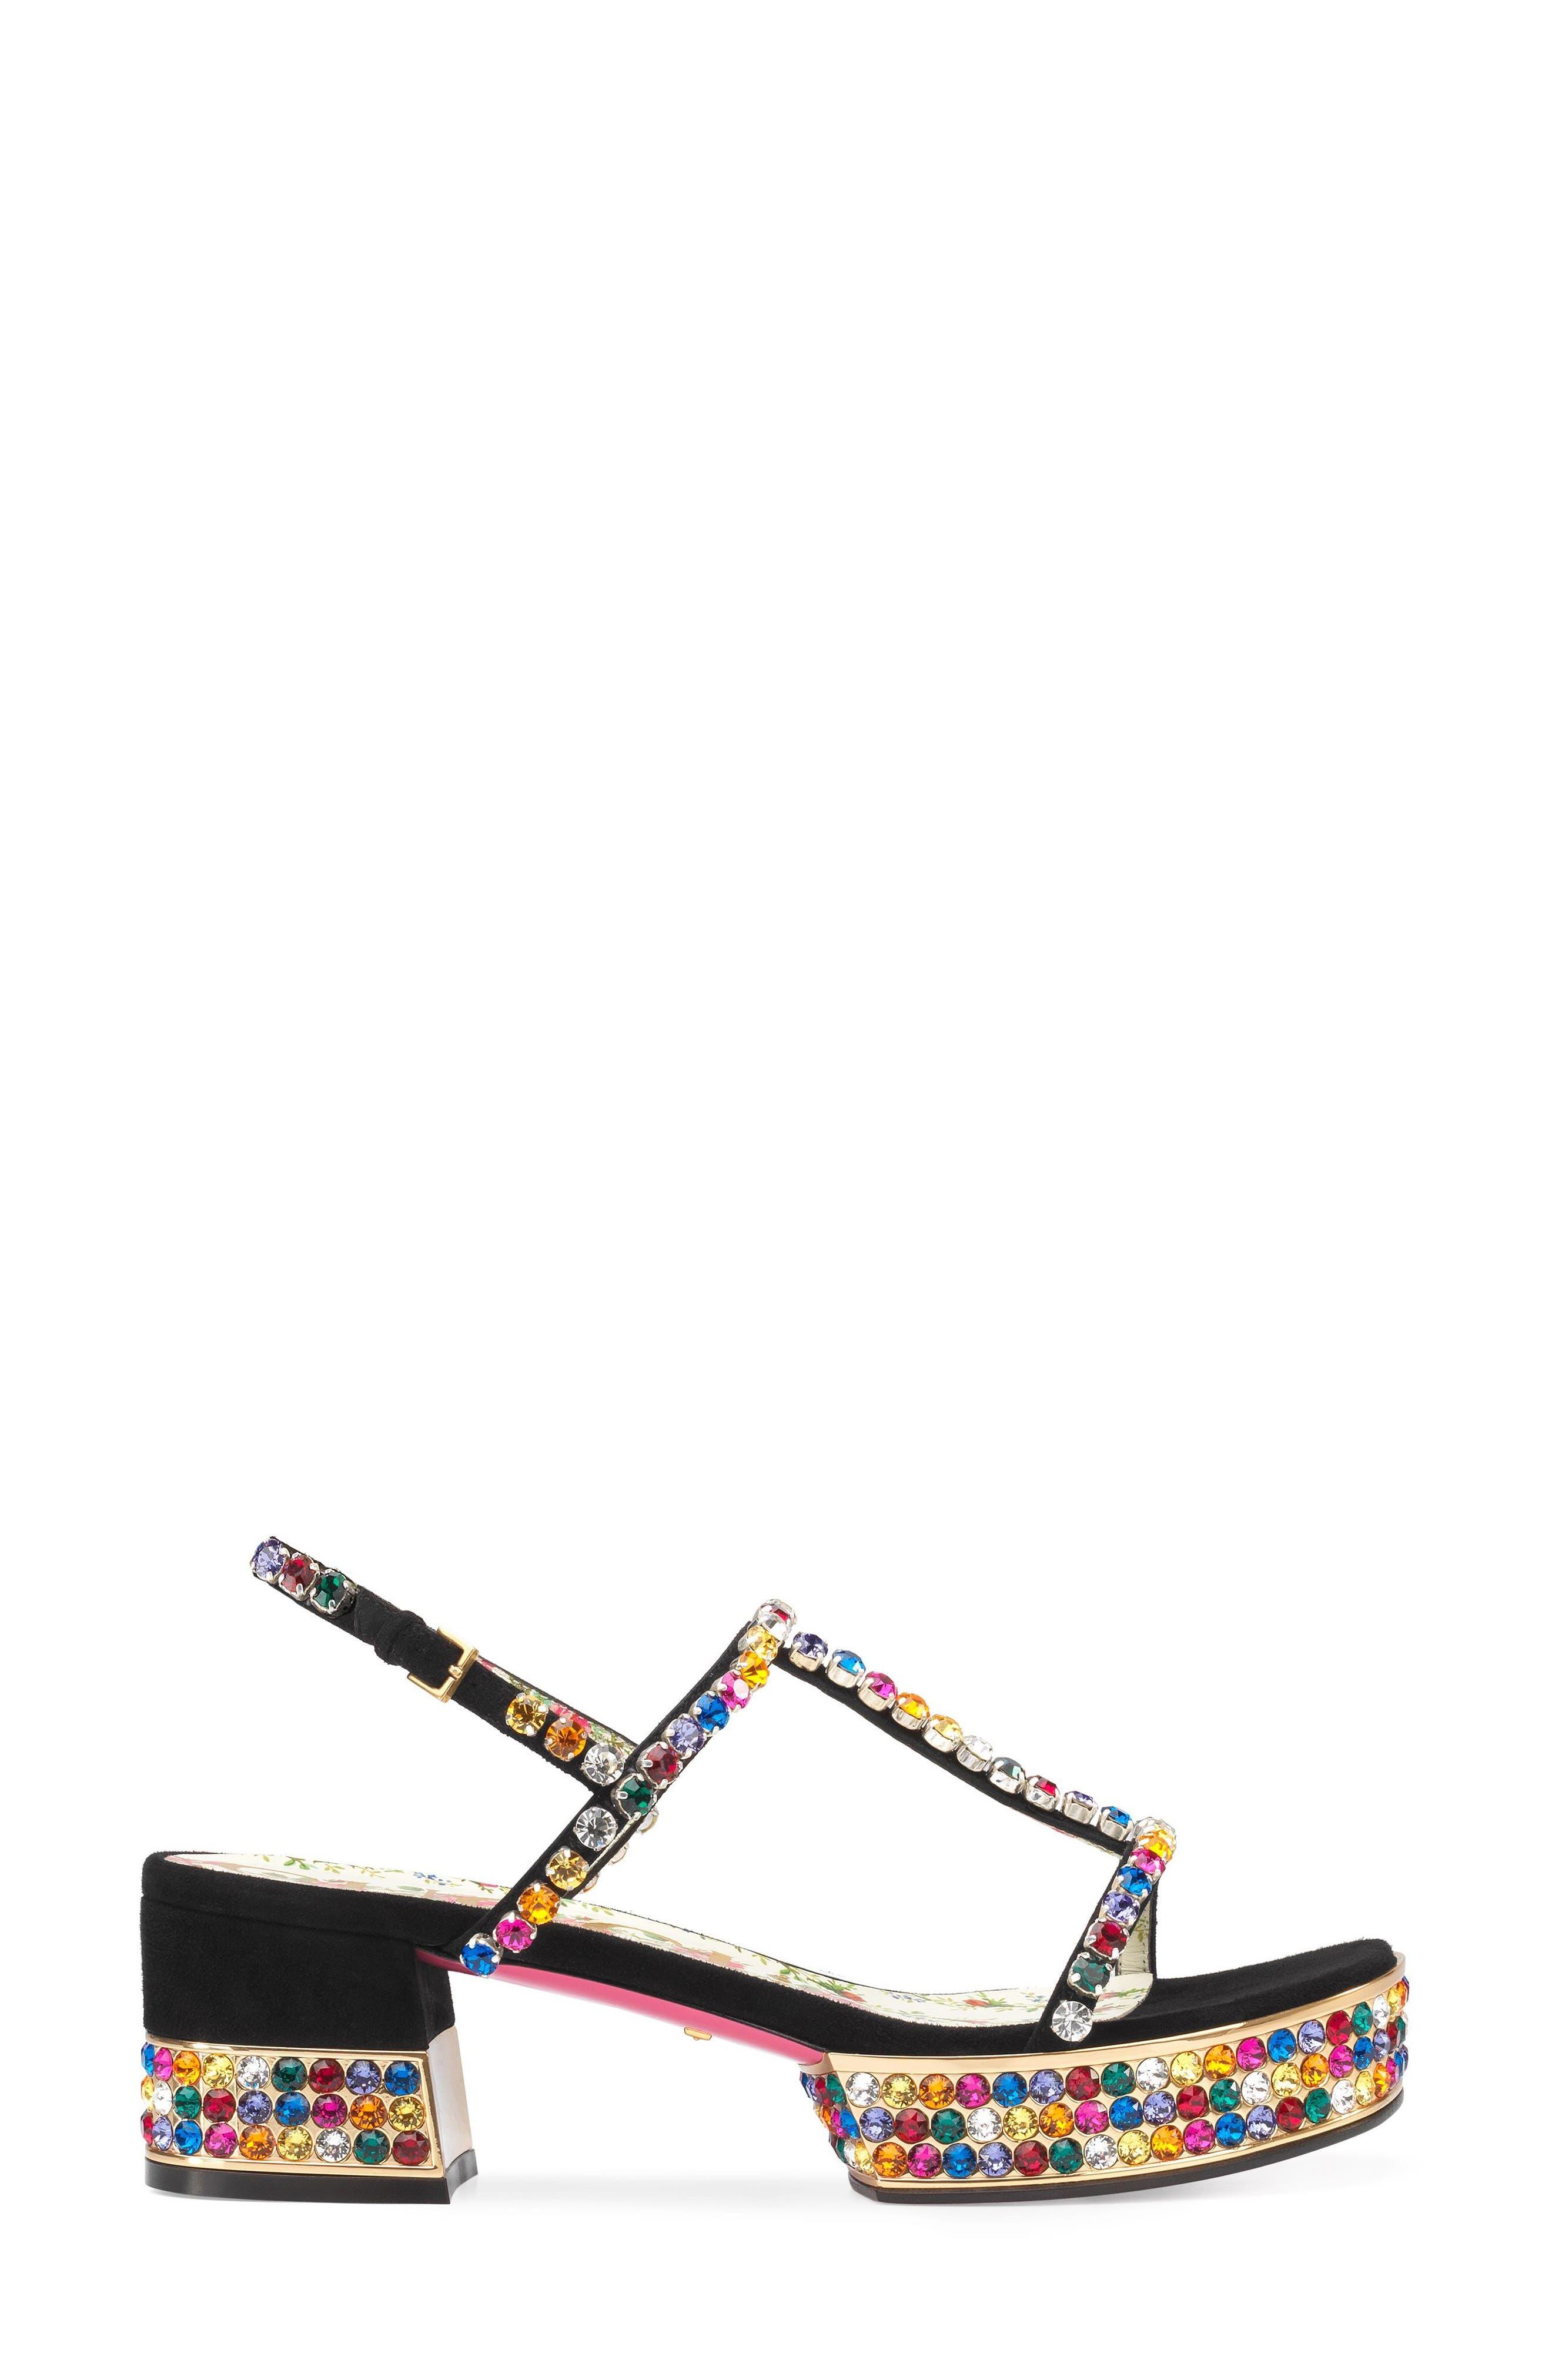 Mira Crystal Embellished Platform Sandal,                             Alternate thumbnail 2, color,                             Black Multi